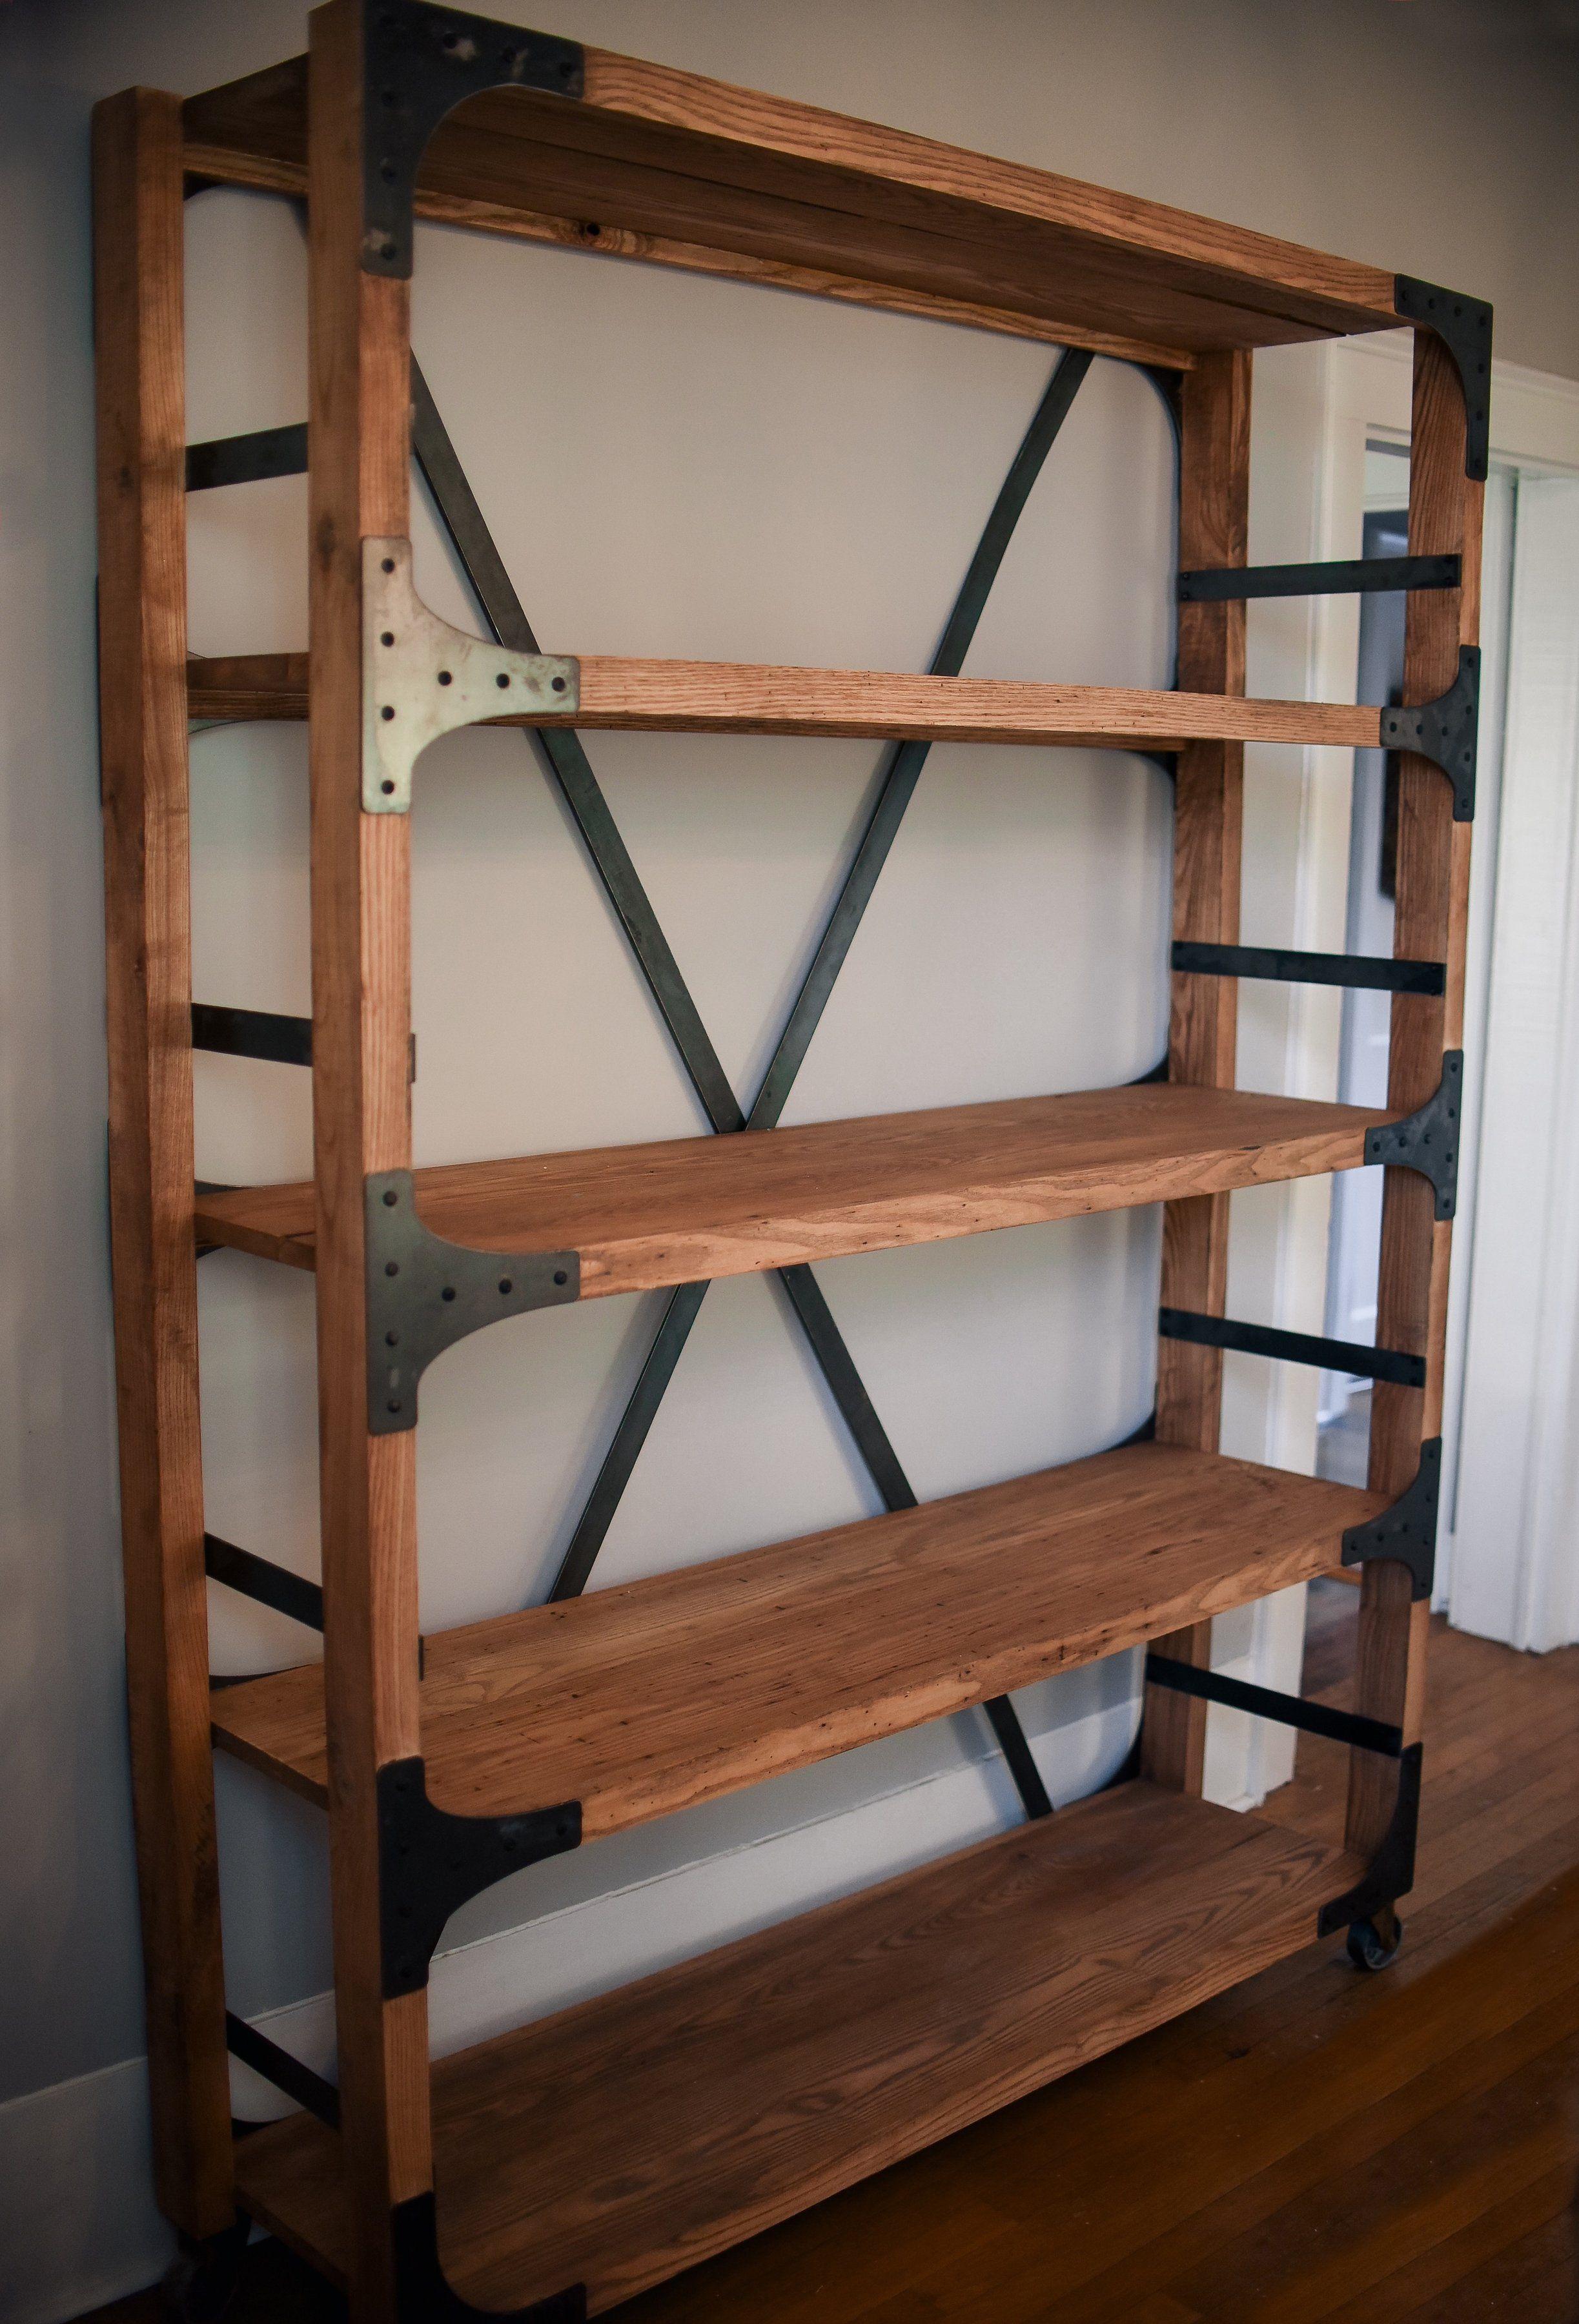 Farmhouse Shelf Bookcase diy, Shelves, Farmhouse shelves